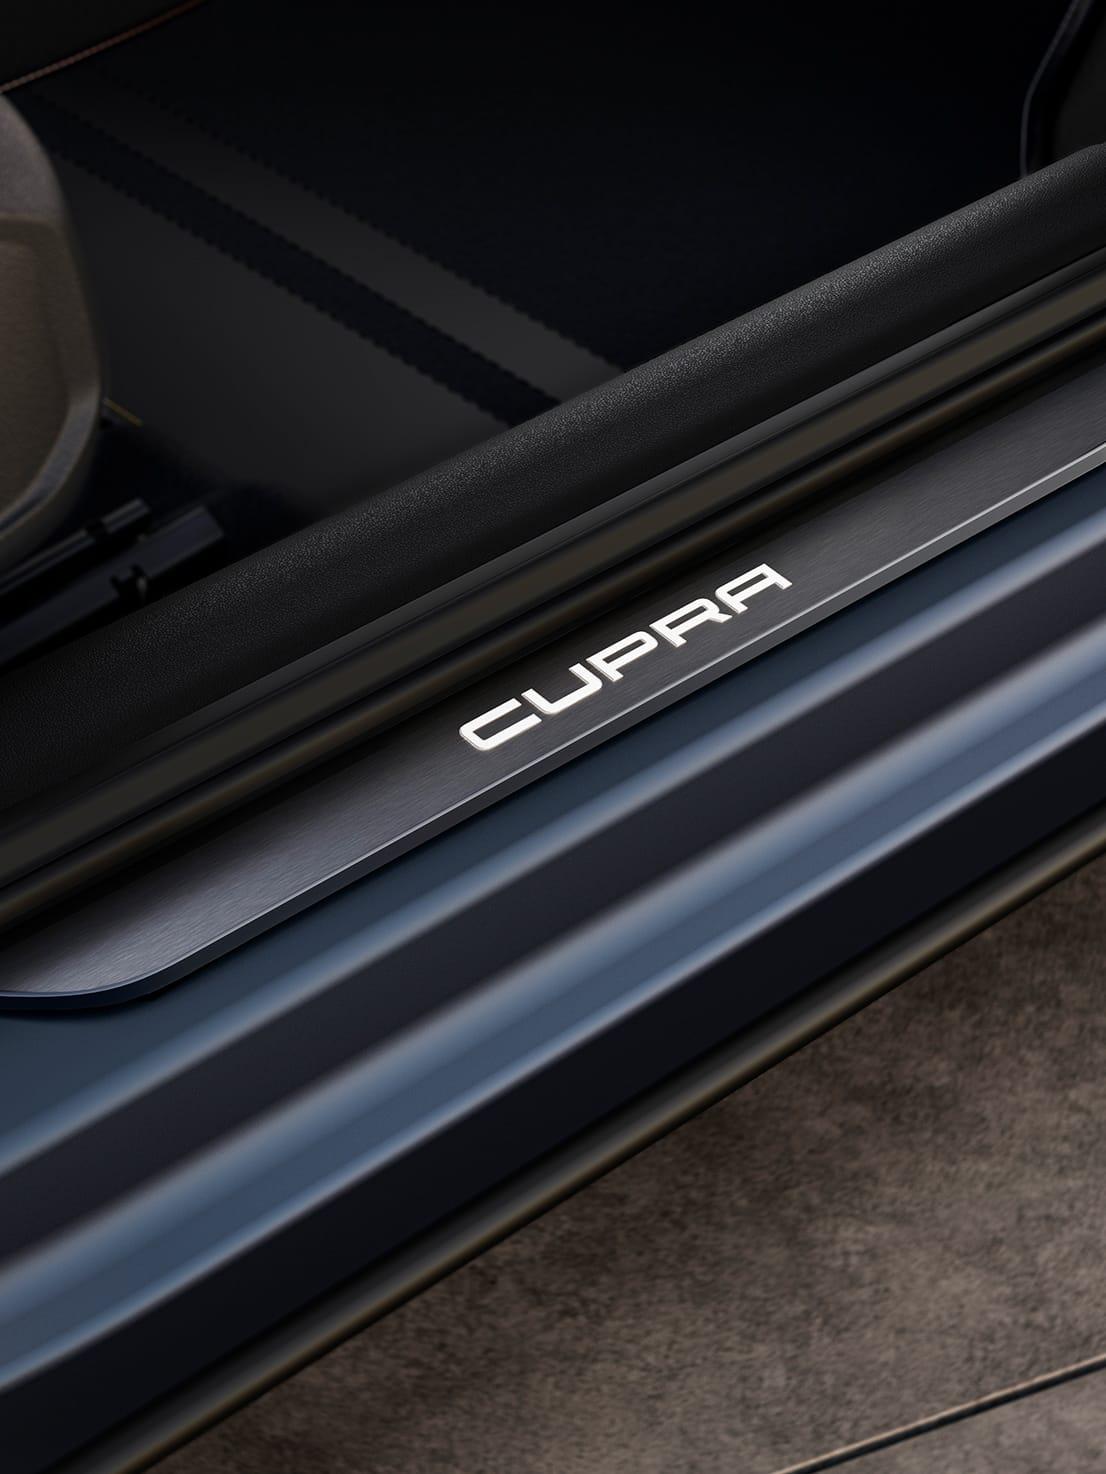 neuer cupra formentor kompakt-suv mit beleuchteten cupra details auf den einstiegsleisten